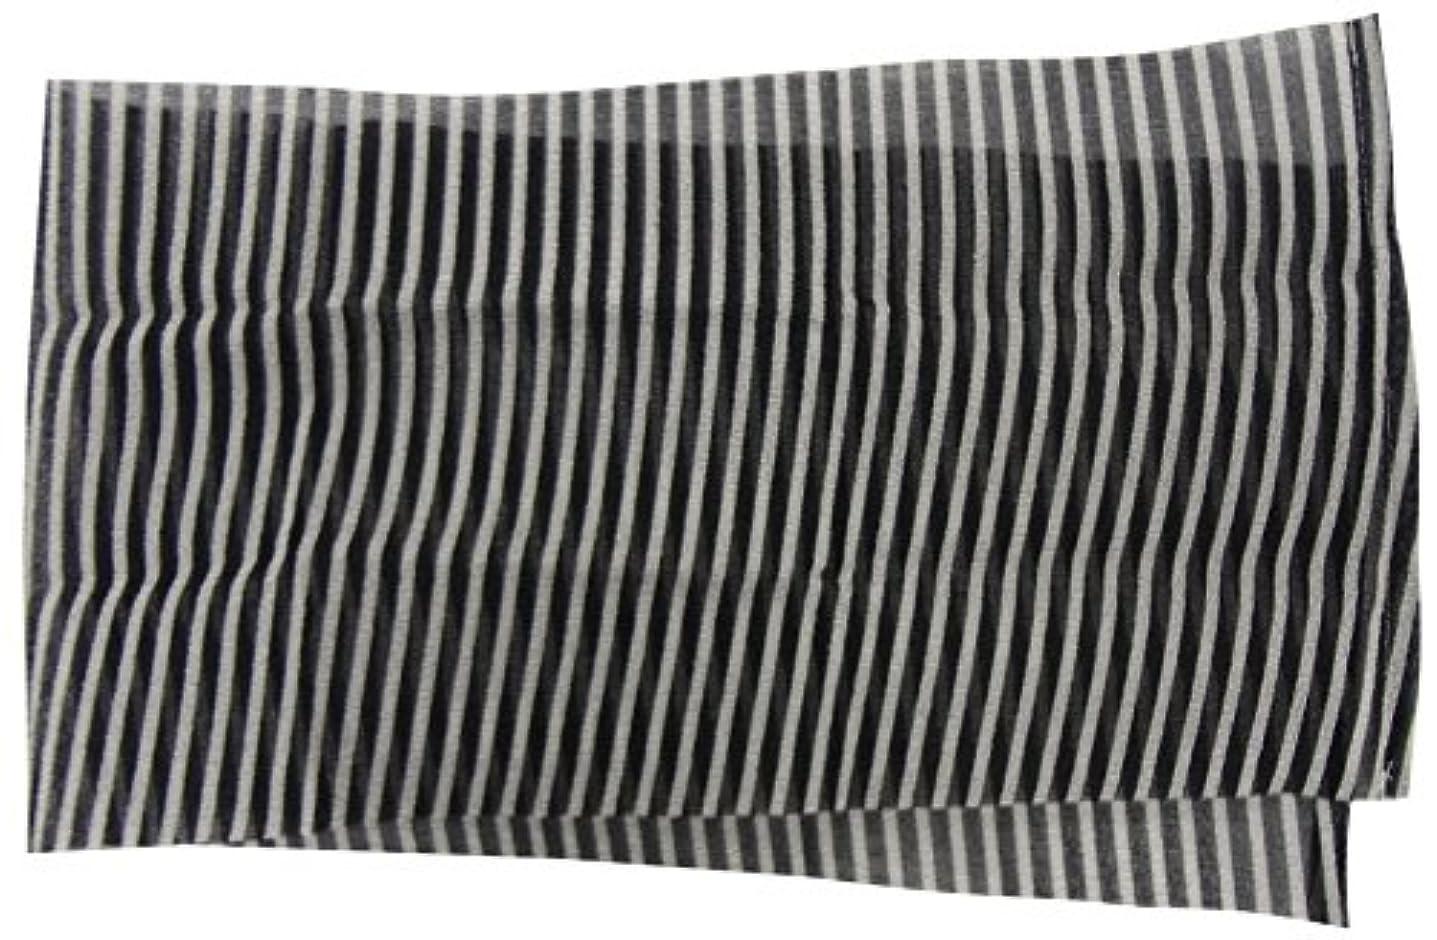 グリルオンペルメル小久保 『背中が楽に洗えるロングタイプ』 ロングナイロンタオルかため 28×110cm 2655